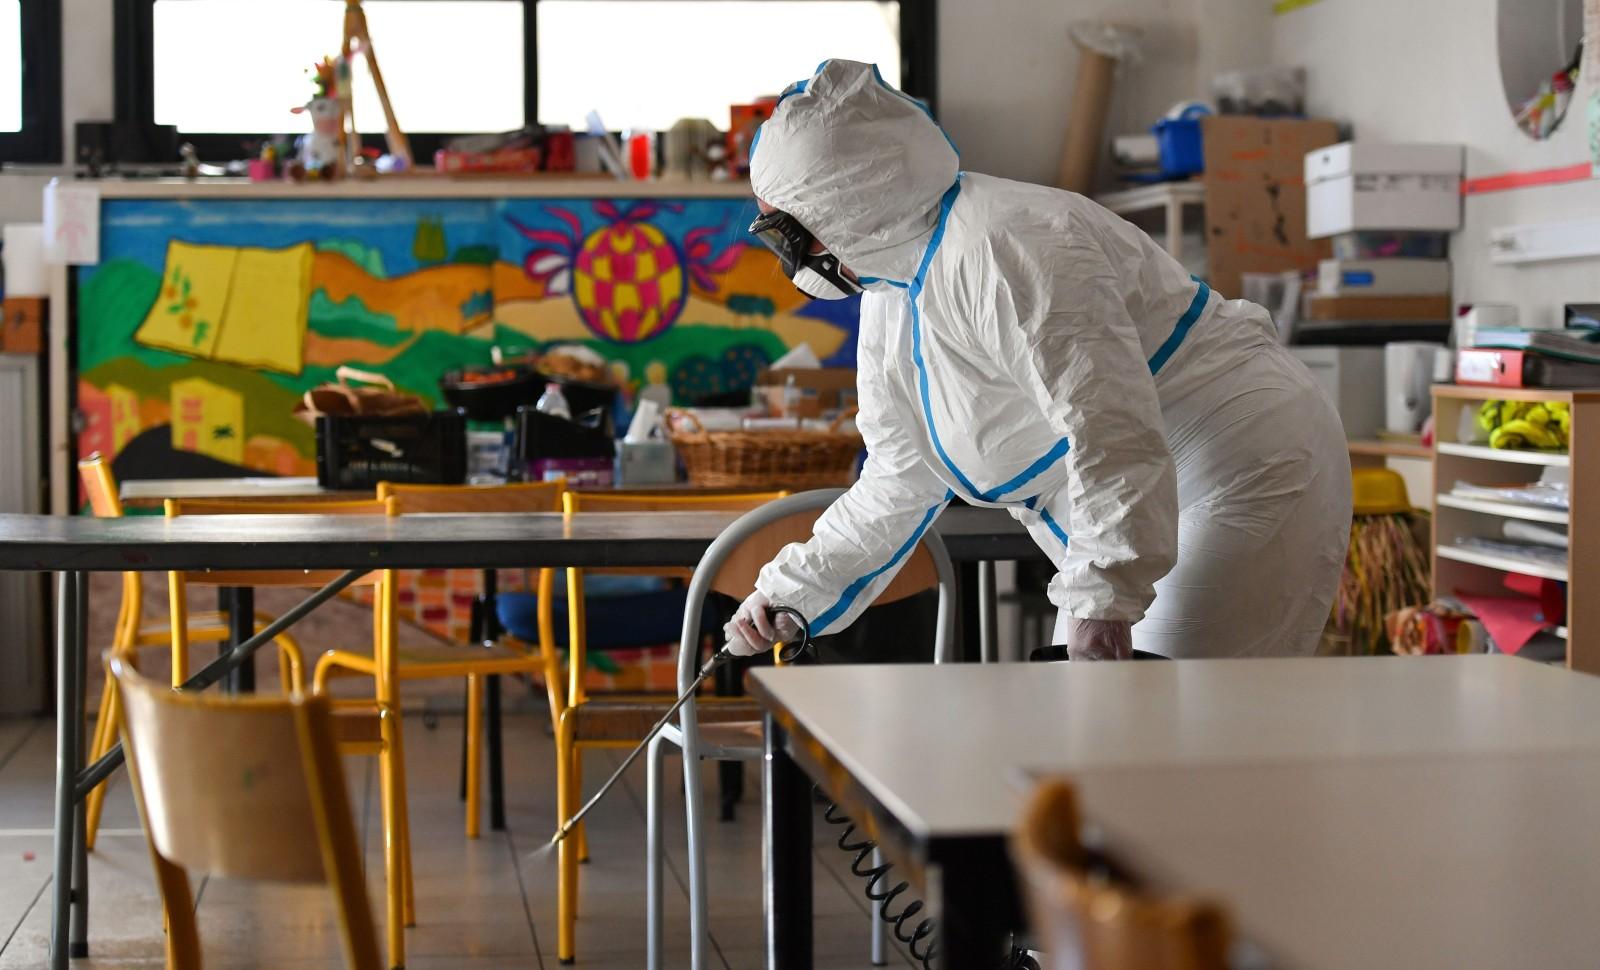 """""""La maîtresse de Kévin a bien changé, tu ne trouves pas?"""" Désinfection d'une école à Cannes, le 10 avril dernier. © Lionel Urman/SIPA Numéro de reportage: 00955907_000018"""